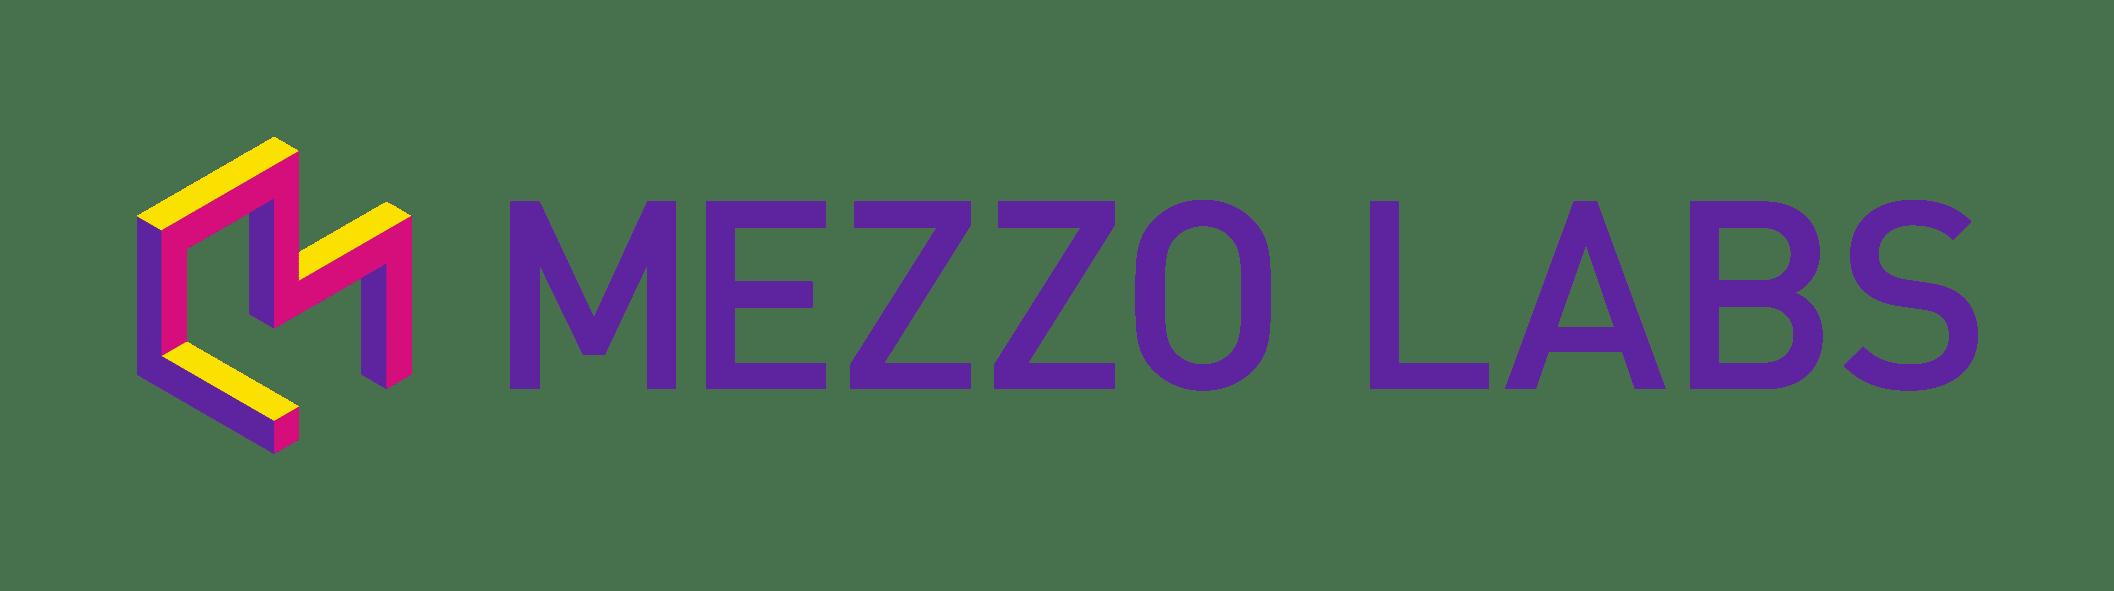 Mezzo Labs Logo